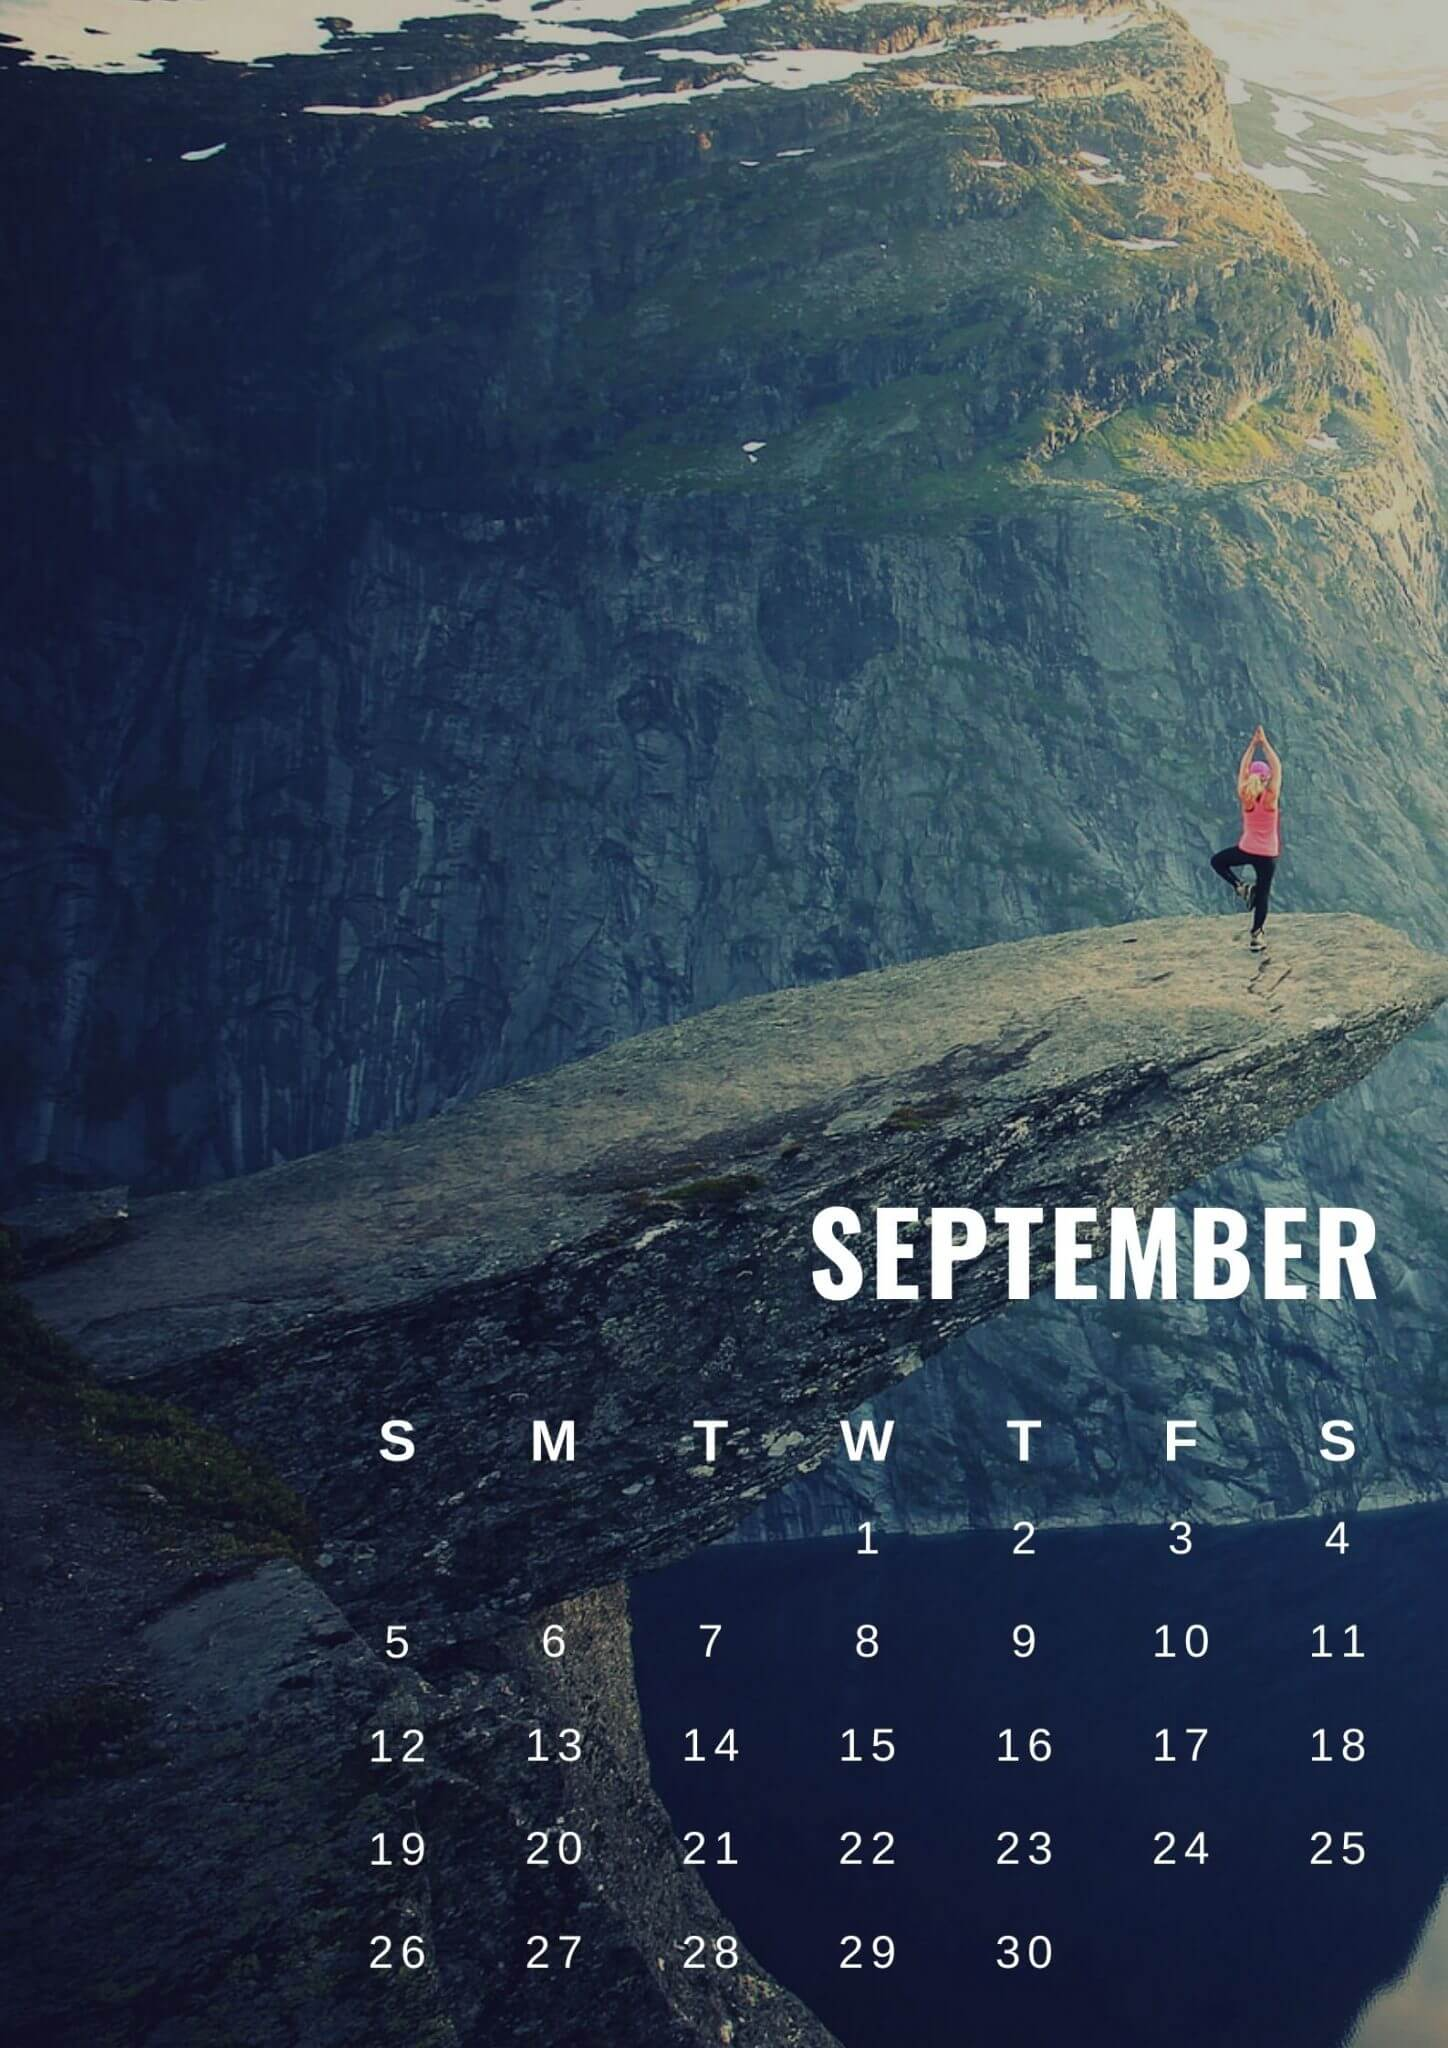 September 2021 Calendar Wallpaper for Mobile